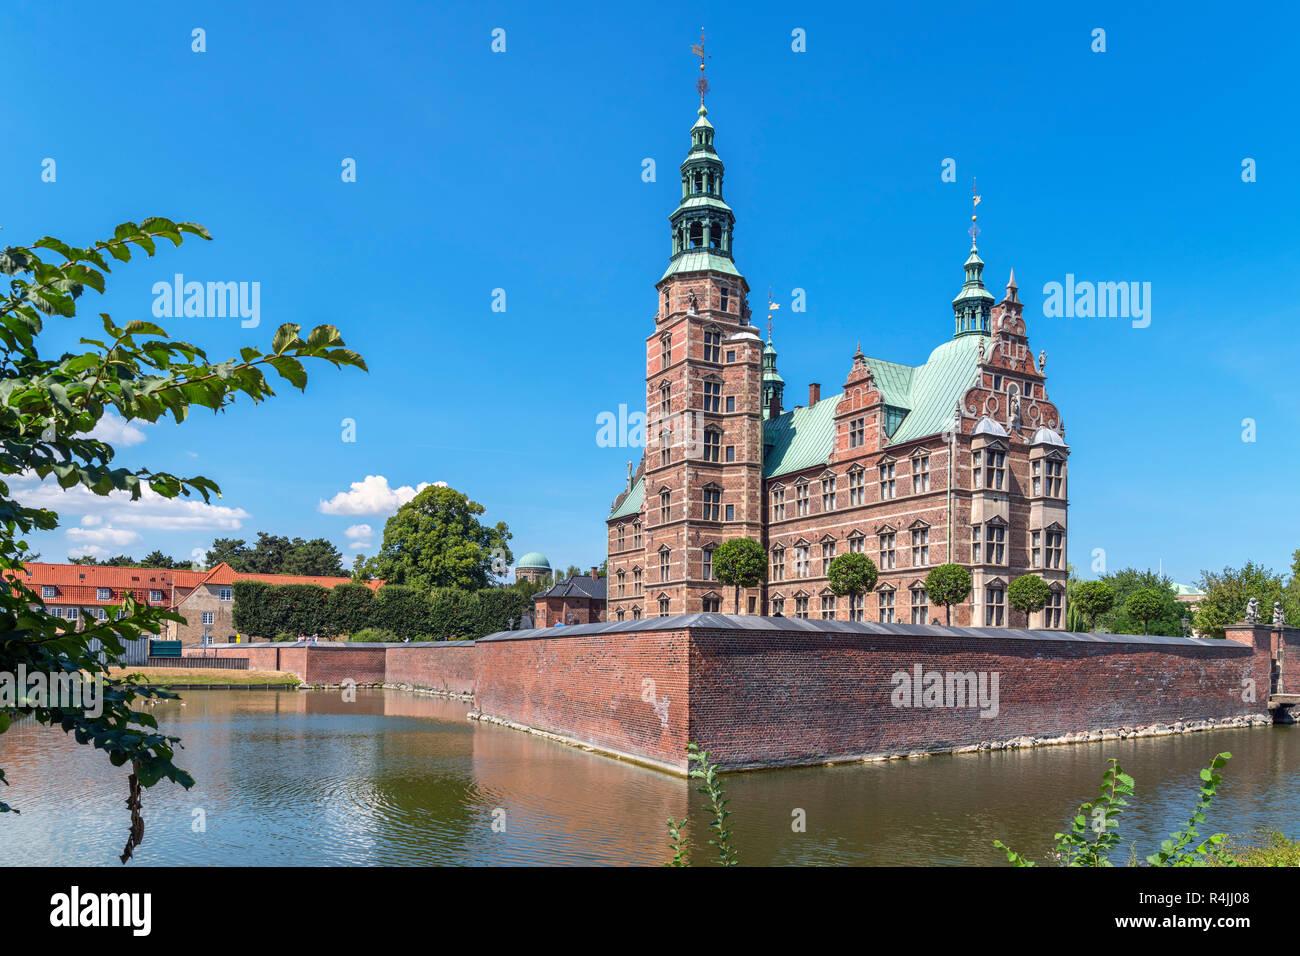 Rosenborg Slot (Rosenborg Castle), Copenhagen, Denmark - Stock Image